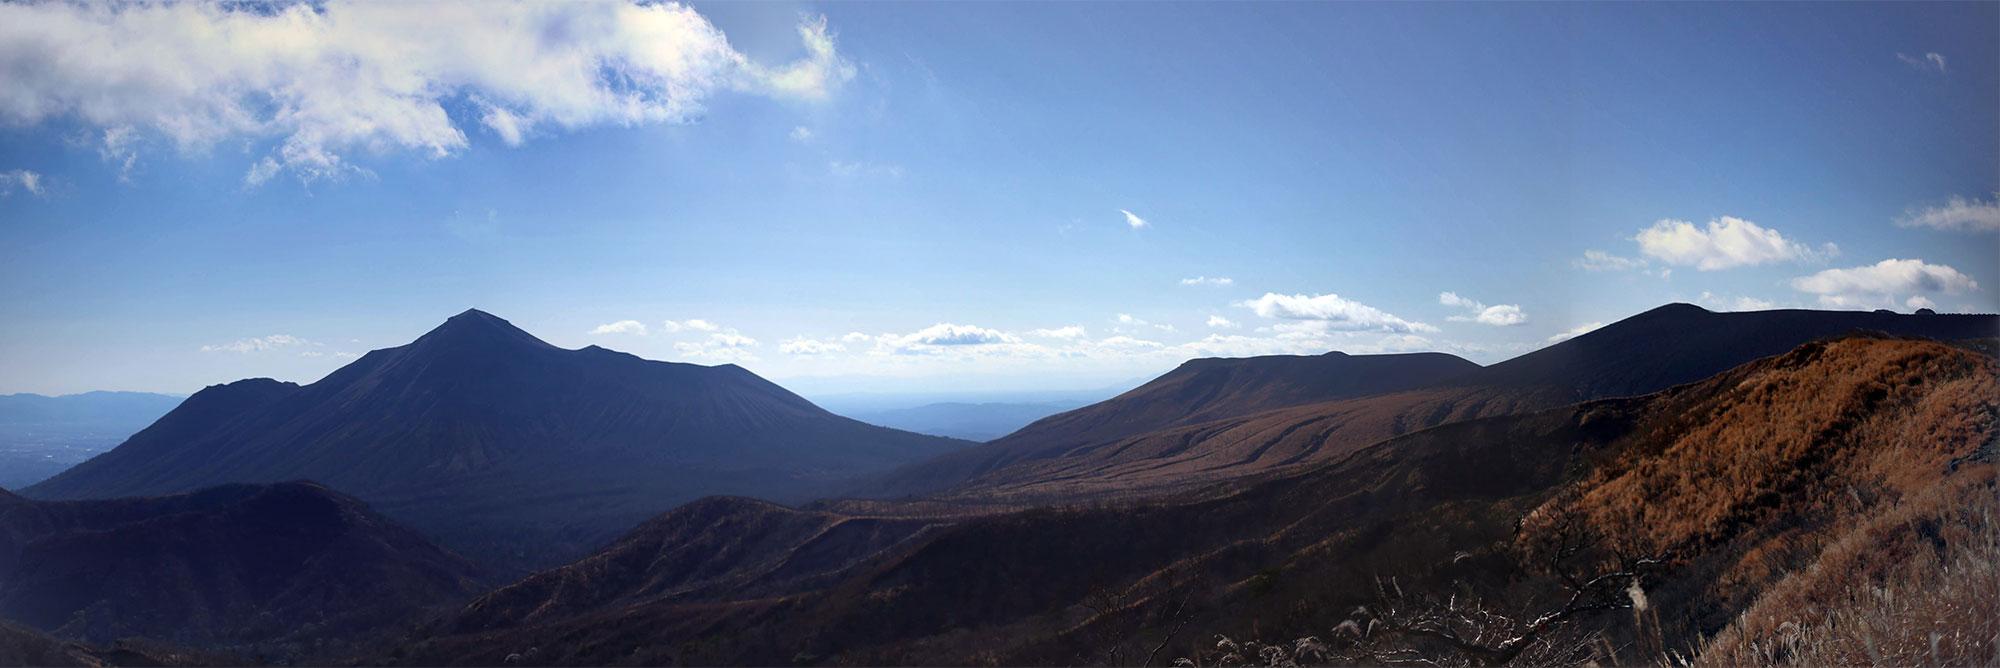 大幡山手前から眺める美しい山々